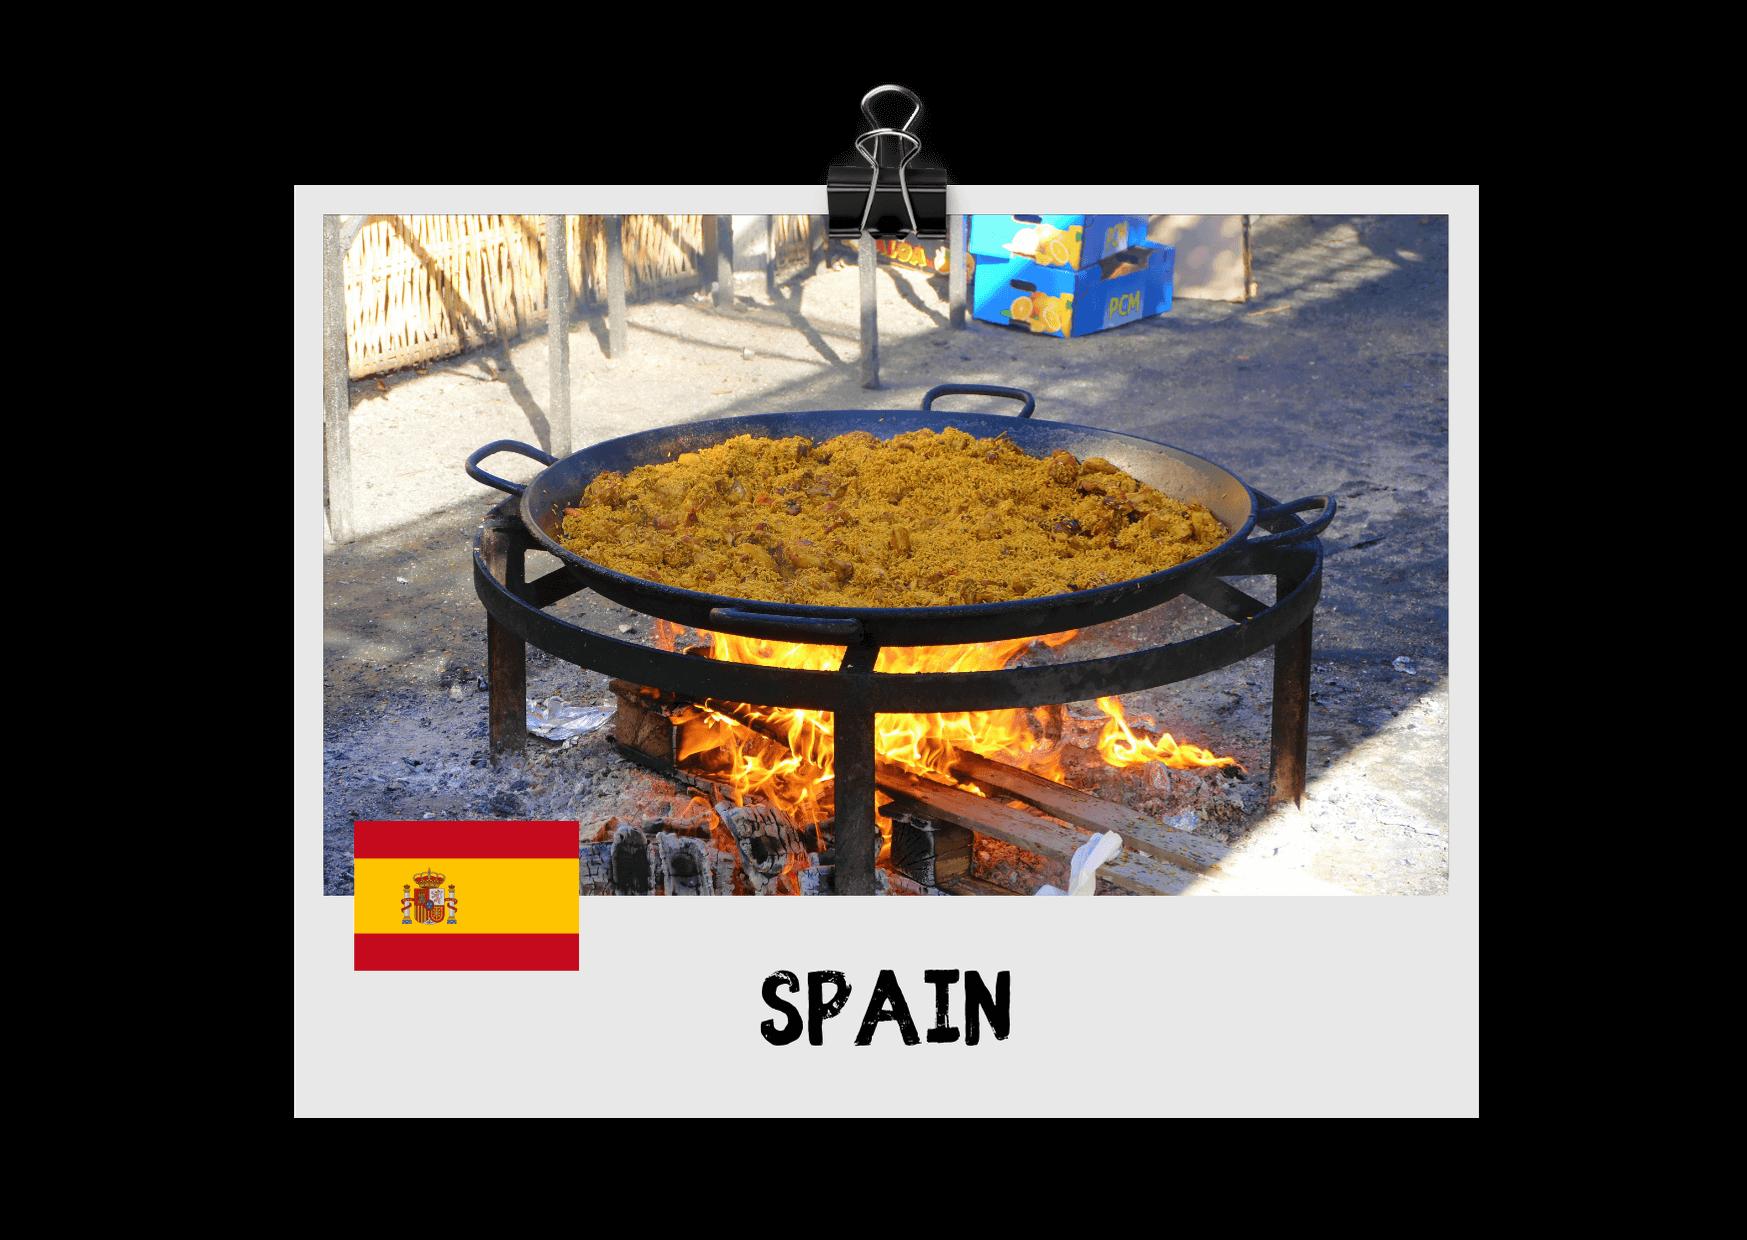 Van Life in Spain